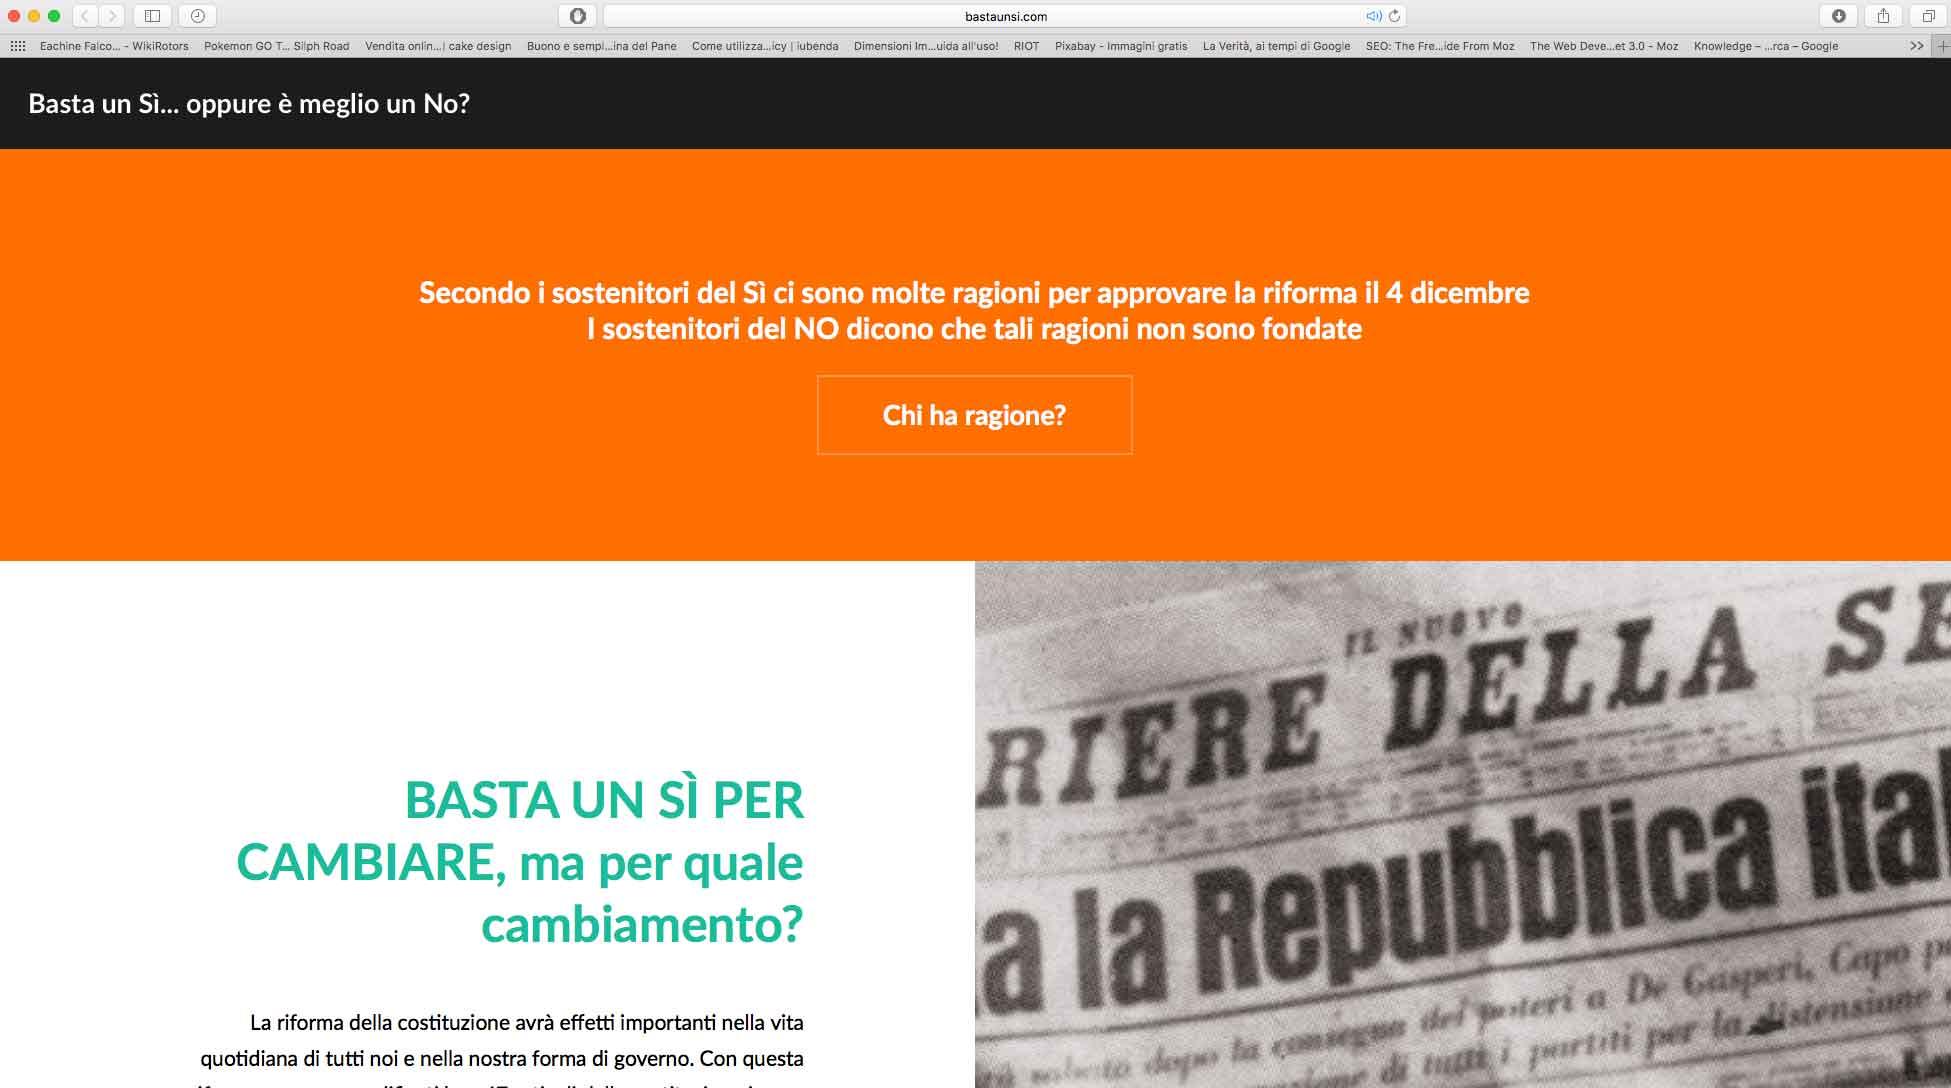 bastaunsi-sito-.com-non-registrato-brutta-figura